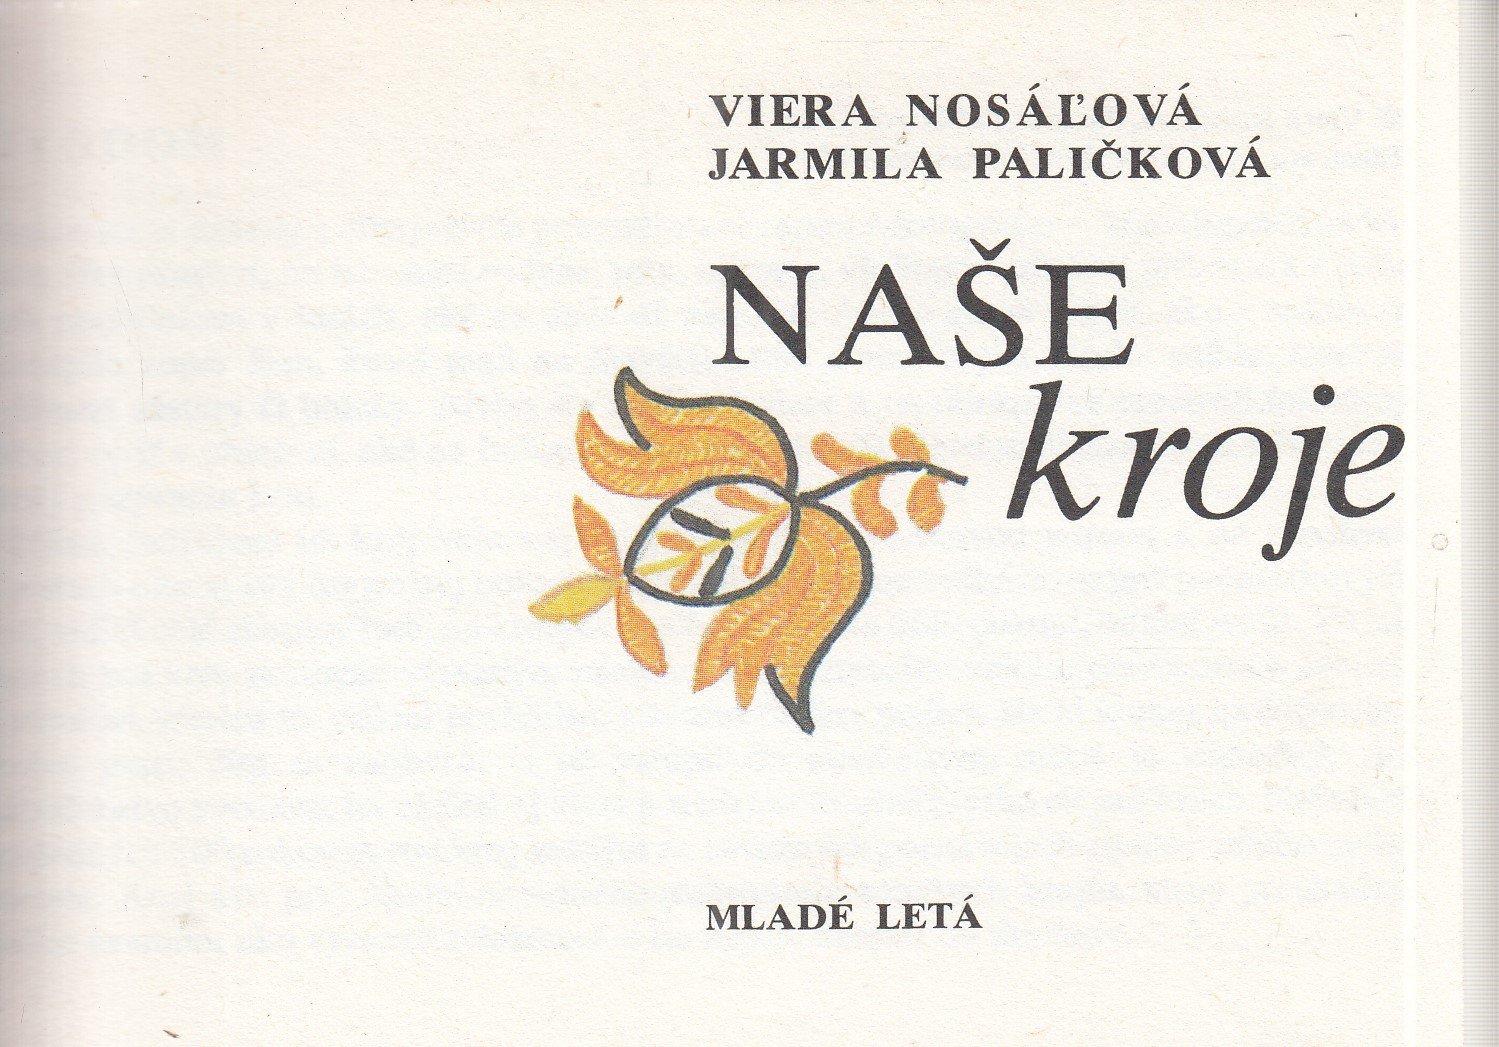 bc9cc89d1 Viera Nosálová, Jarmila Paličková - Naše kroje | Spálená 53